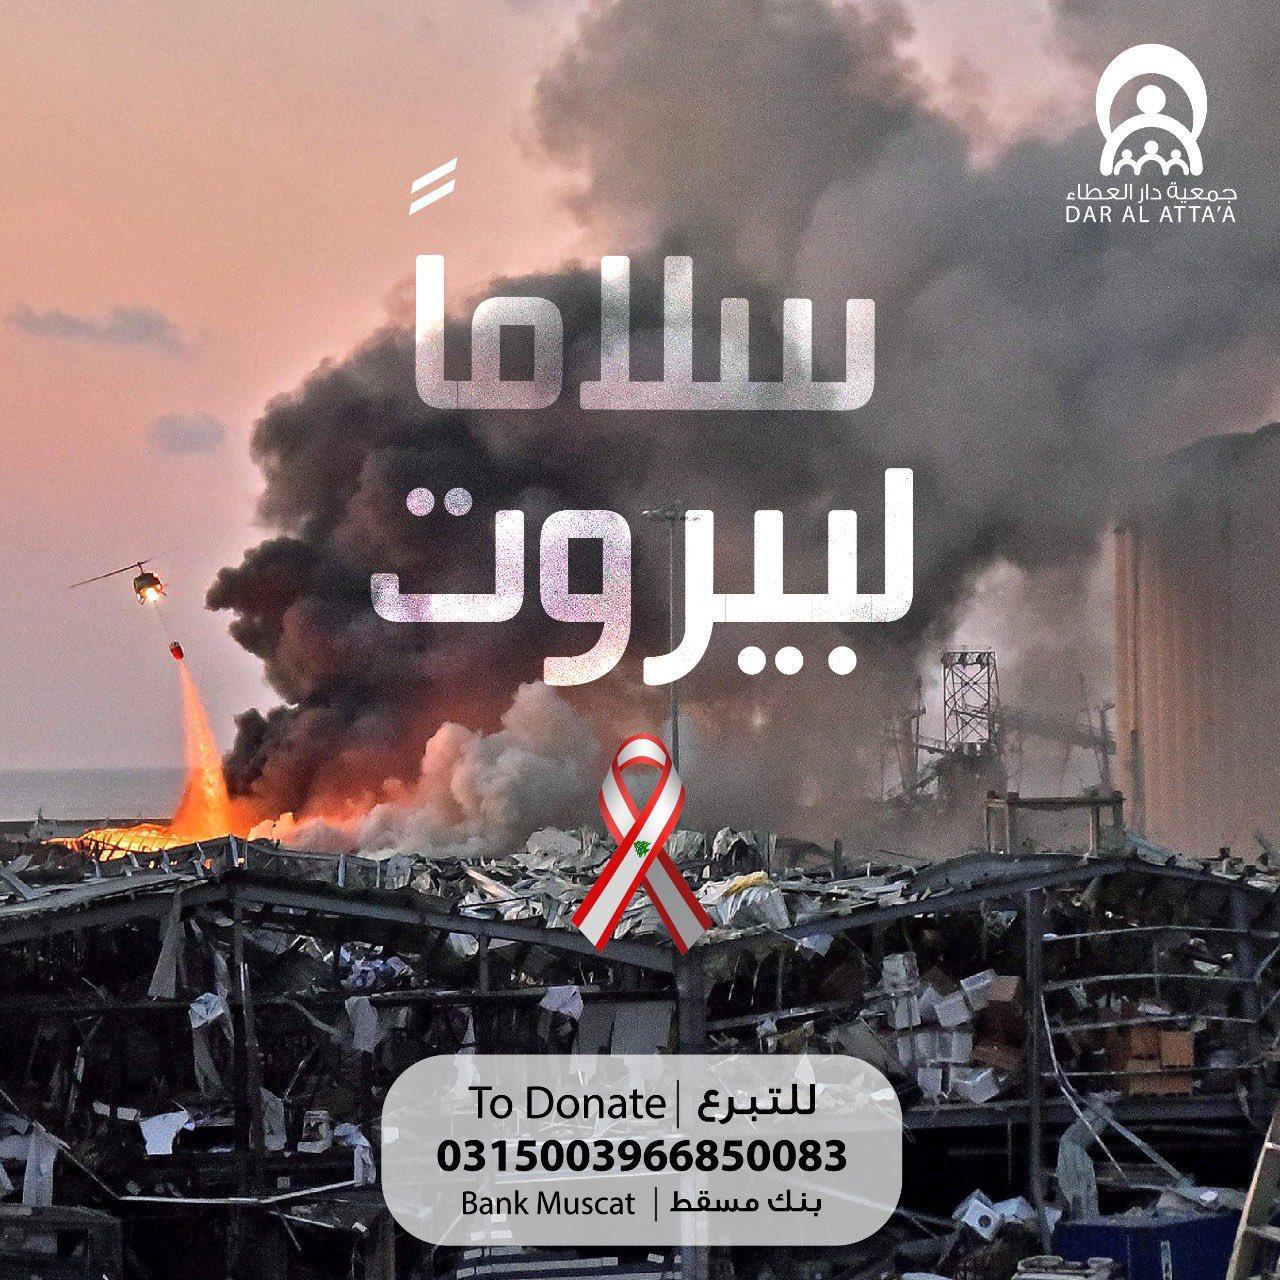 """جمعية دار العطاء تطلق حملة """"سلاماً لبيروت"""" .."""